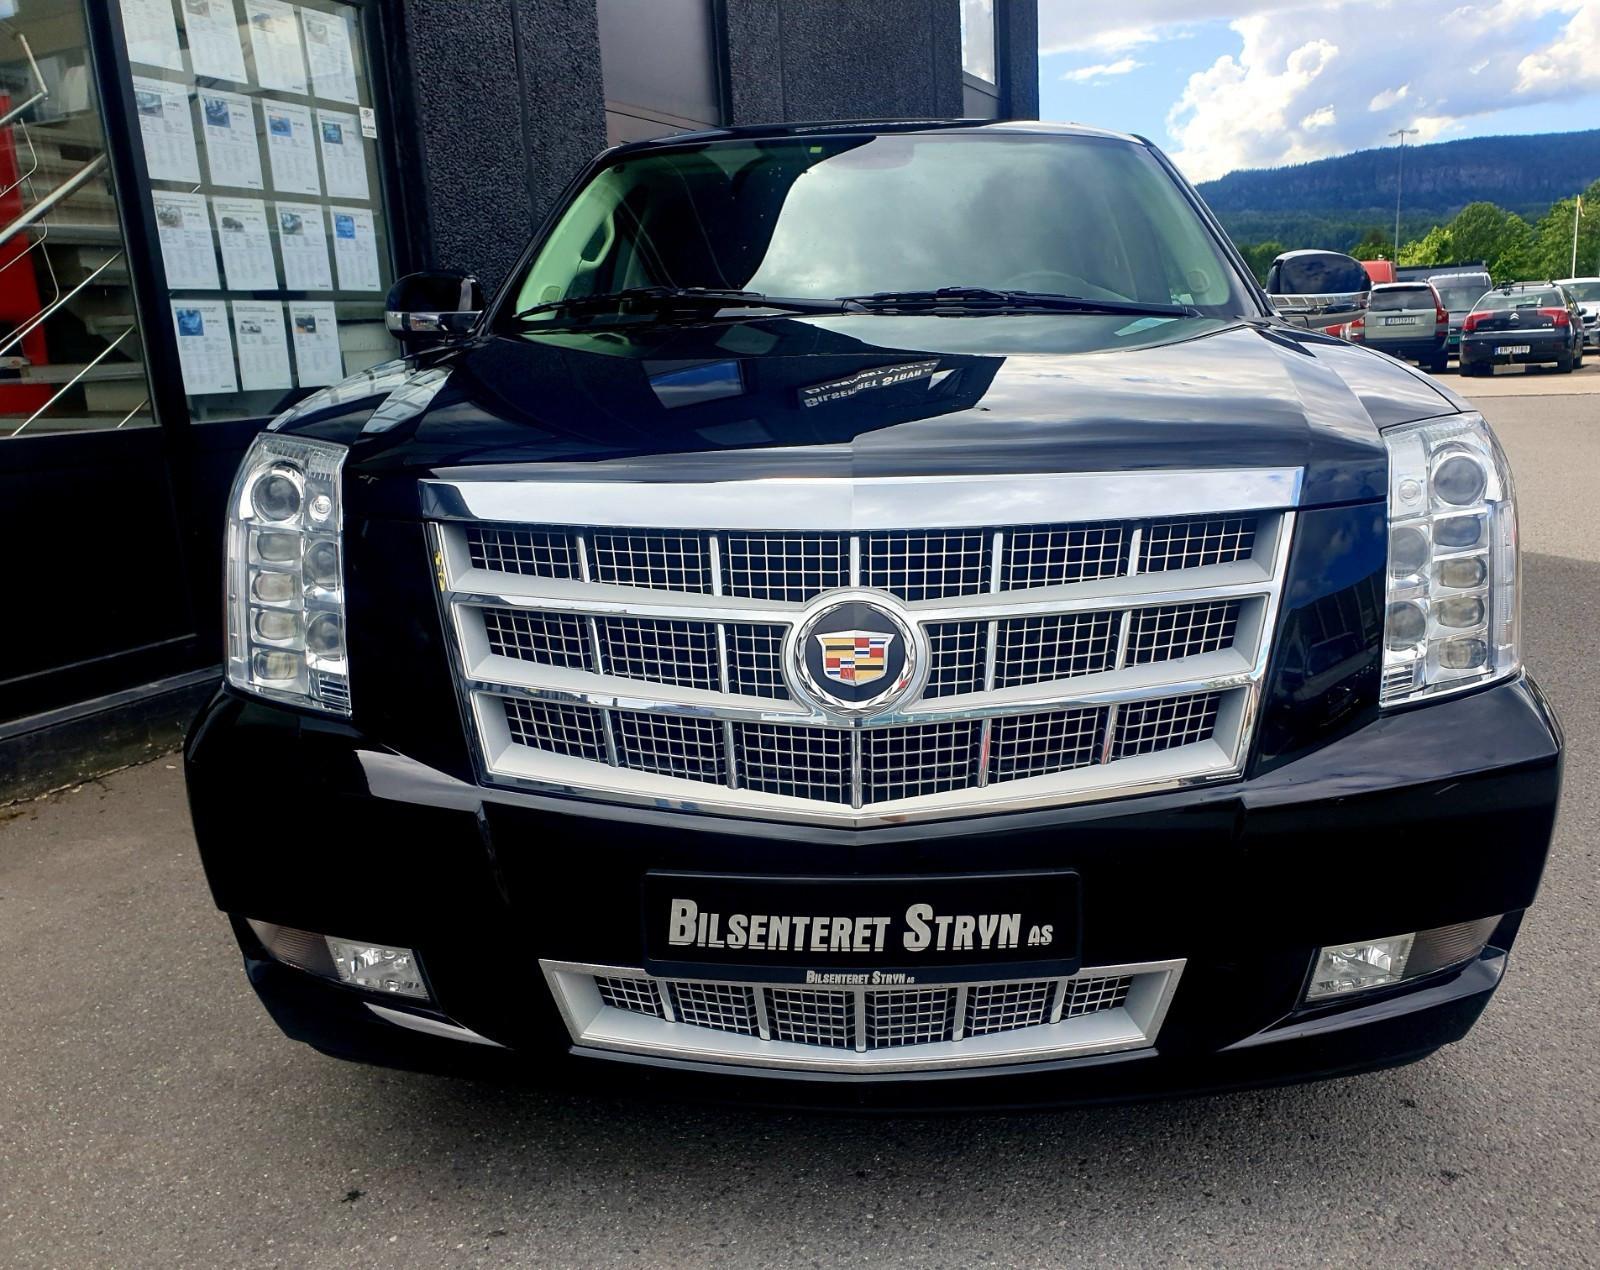 070-2012 Cadillac ESV Platinum 01, Eiere, 070 Ingr